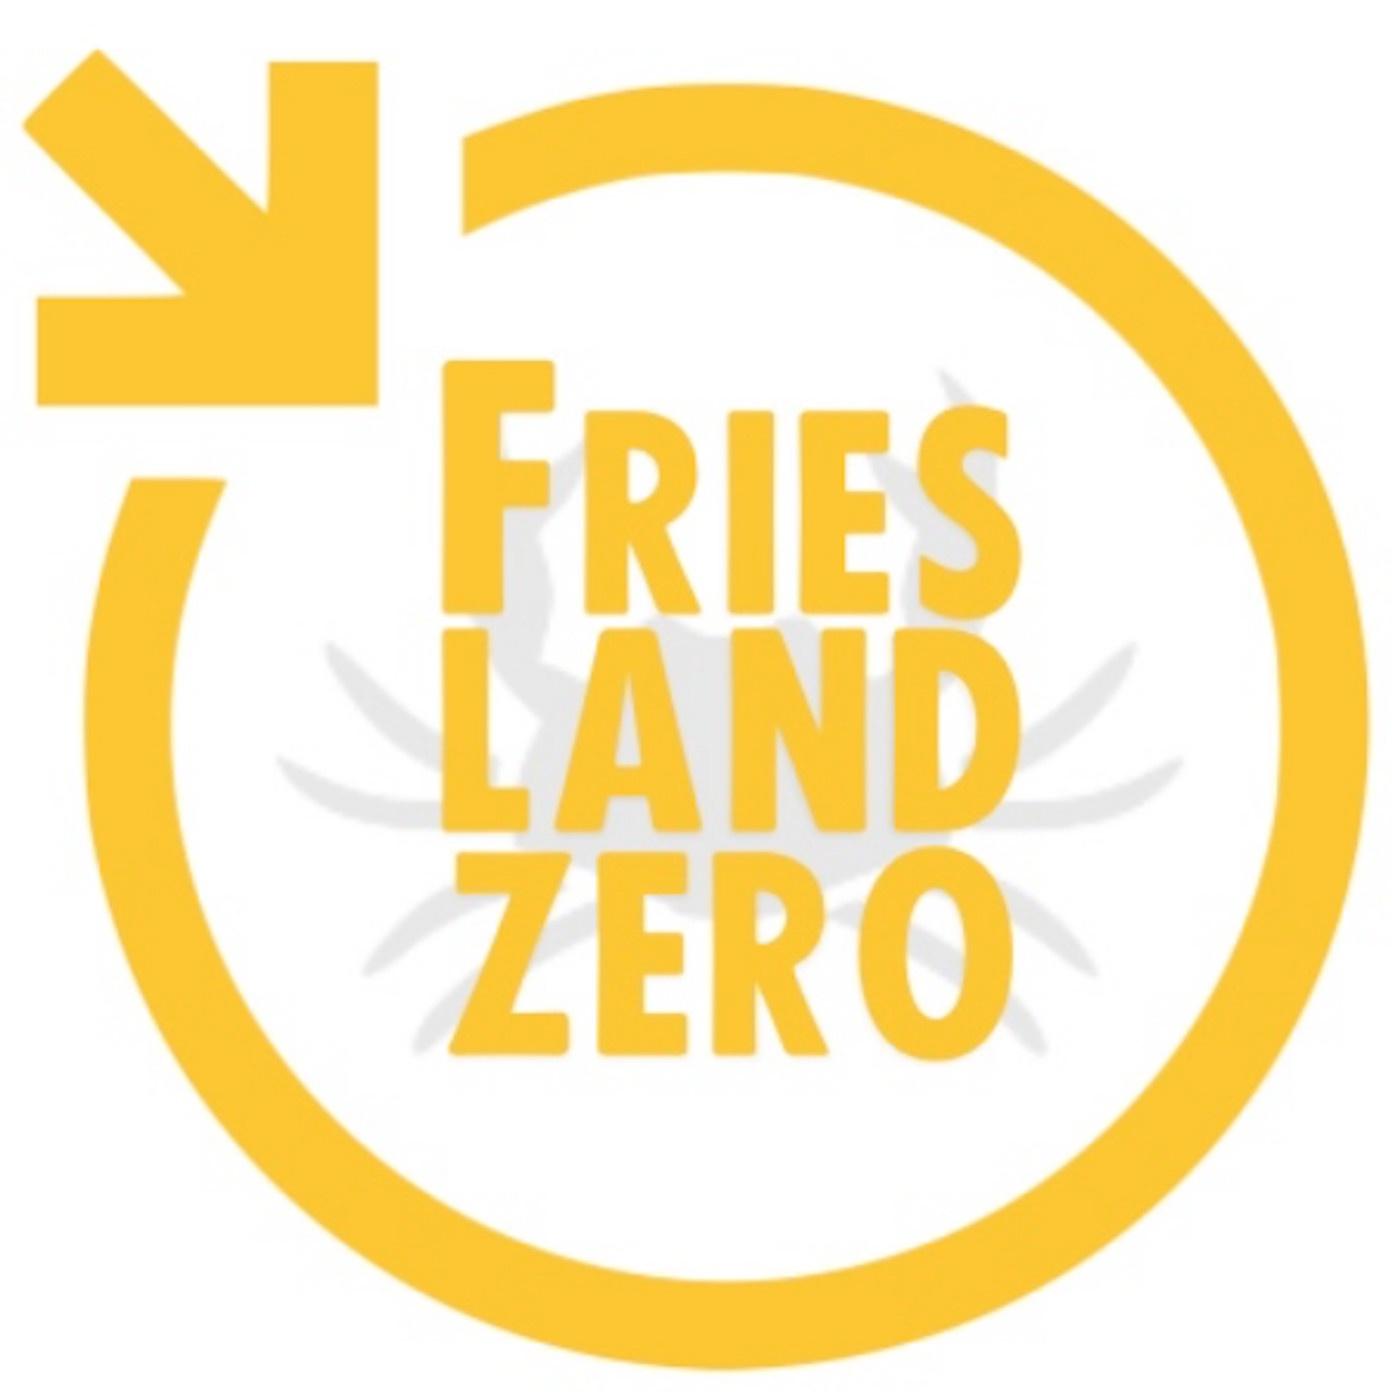 Friesland Zero